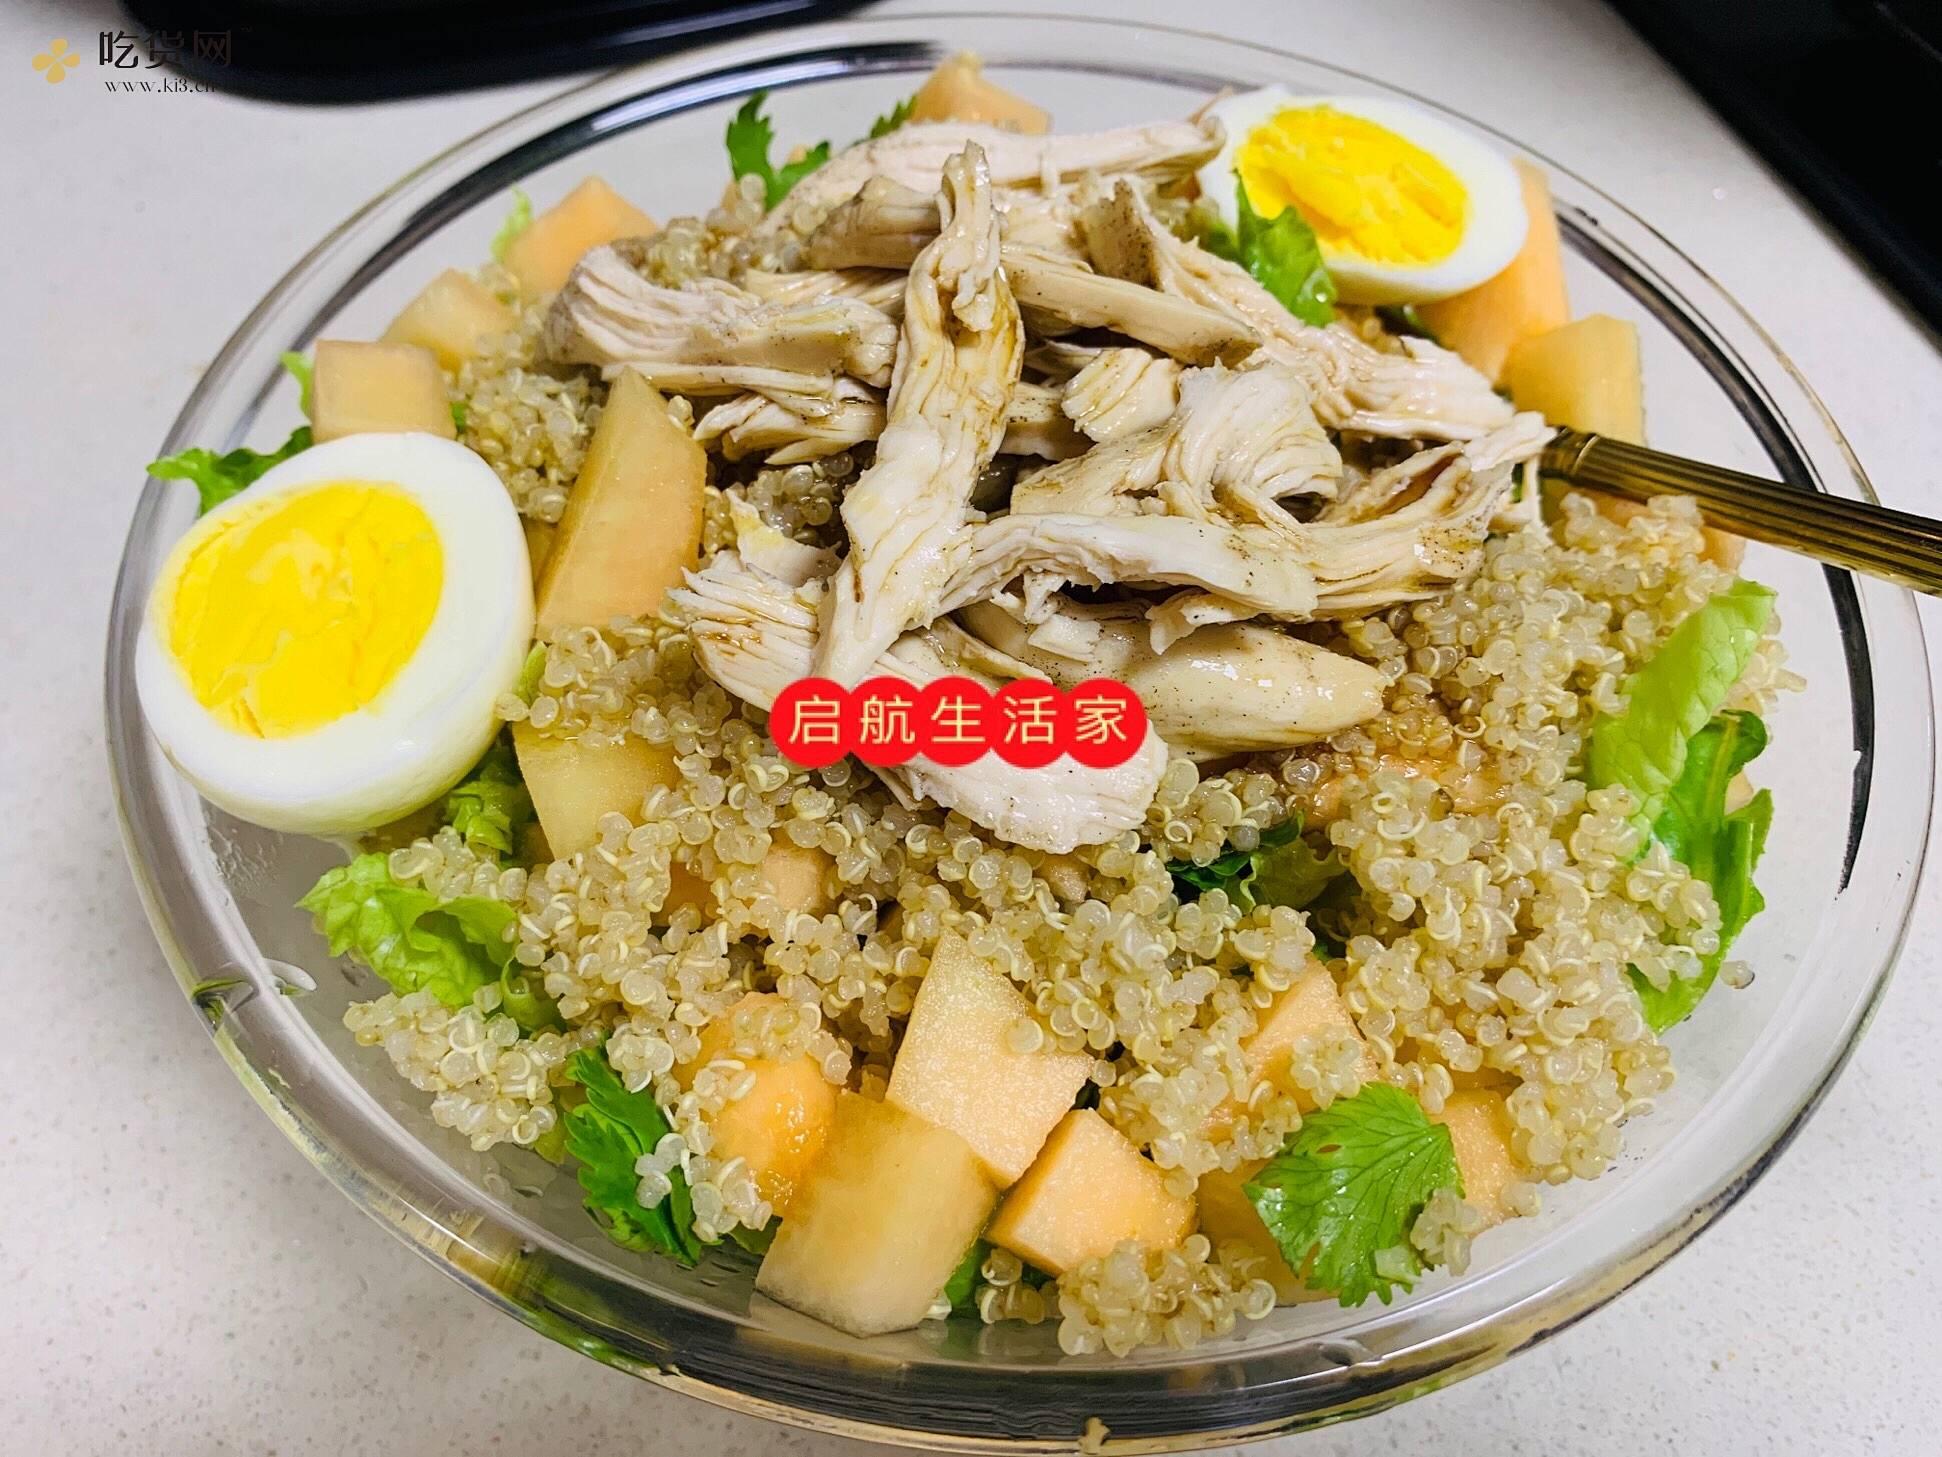 减肥餐,藜麦鸡胸沙拉的做法 步骤9